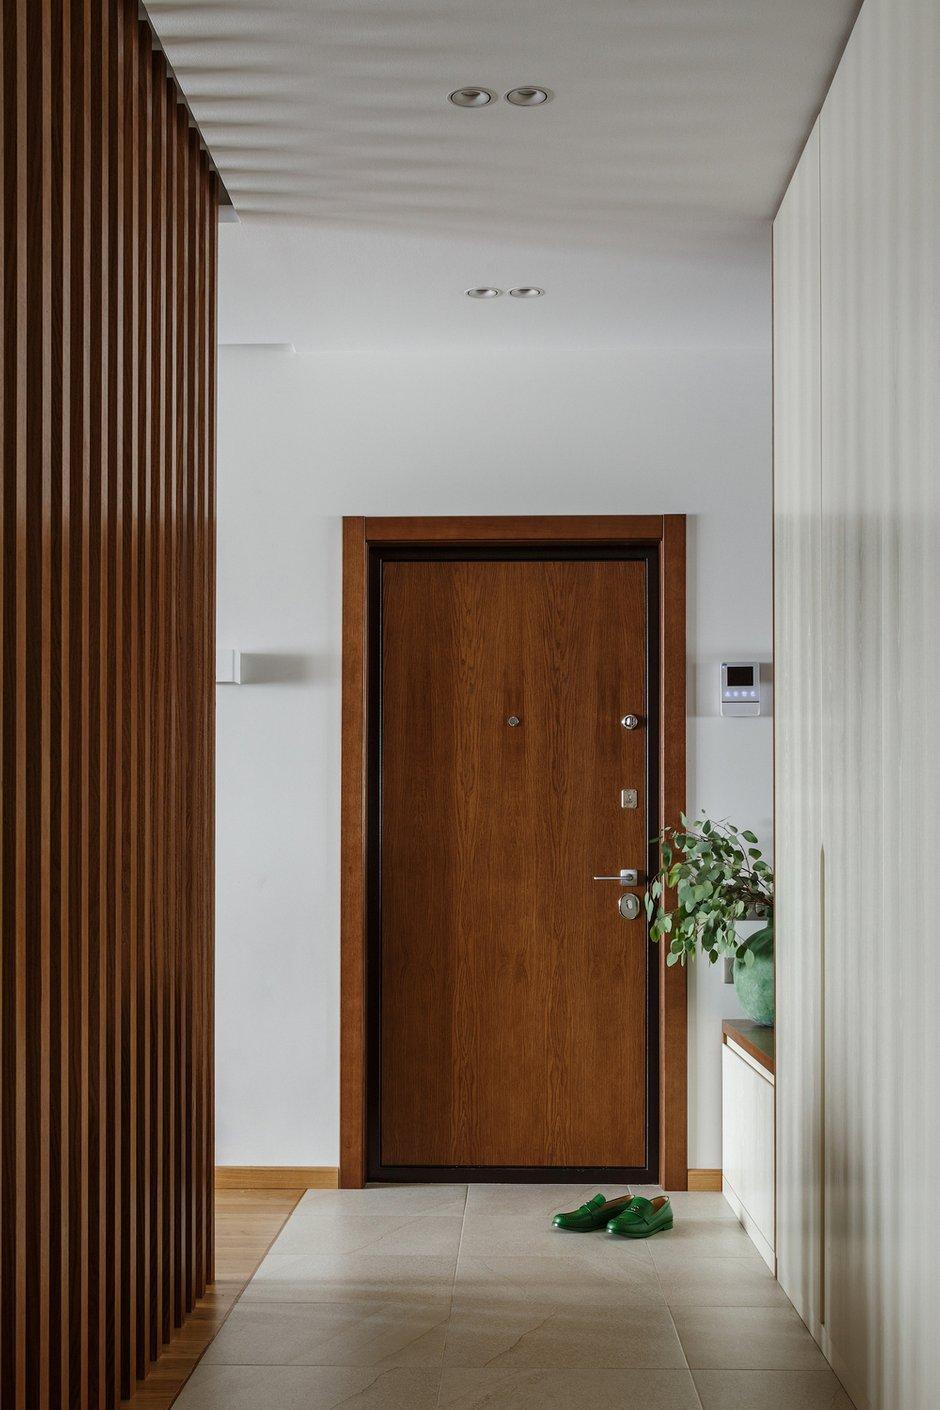 Фотография: Прихожая в стиле Современный, Квартира, Проект недели, Московская область, Монолитный дом, 3 комнаты, Более 90 метров, Ксения Коновалова – фото на INMYROOM